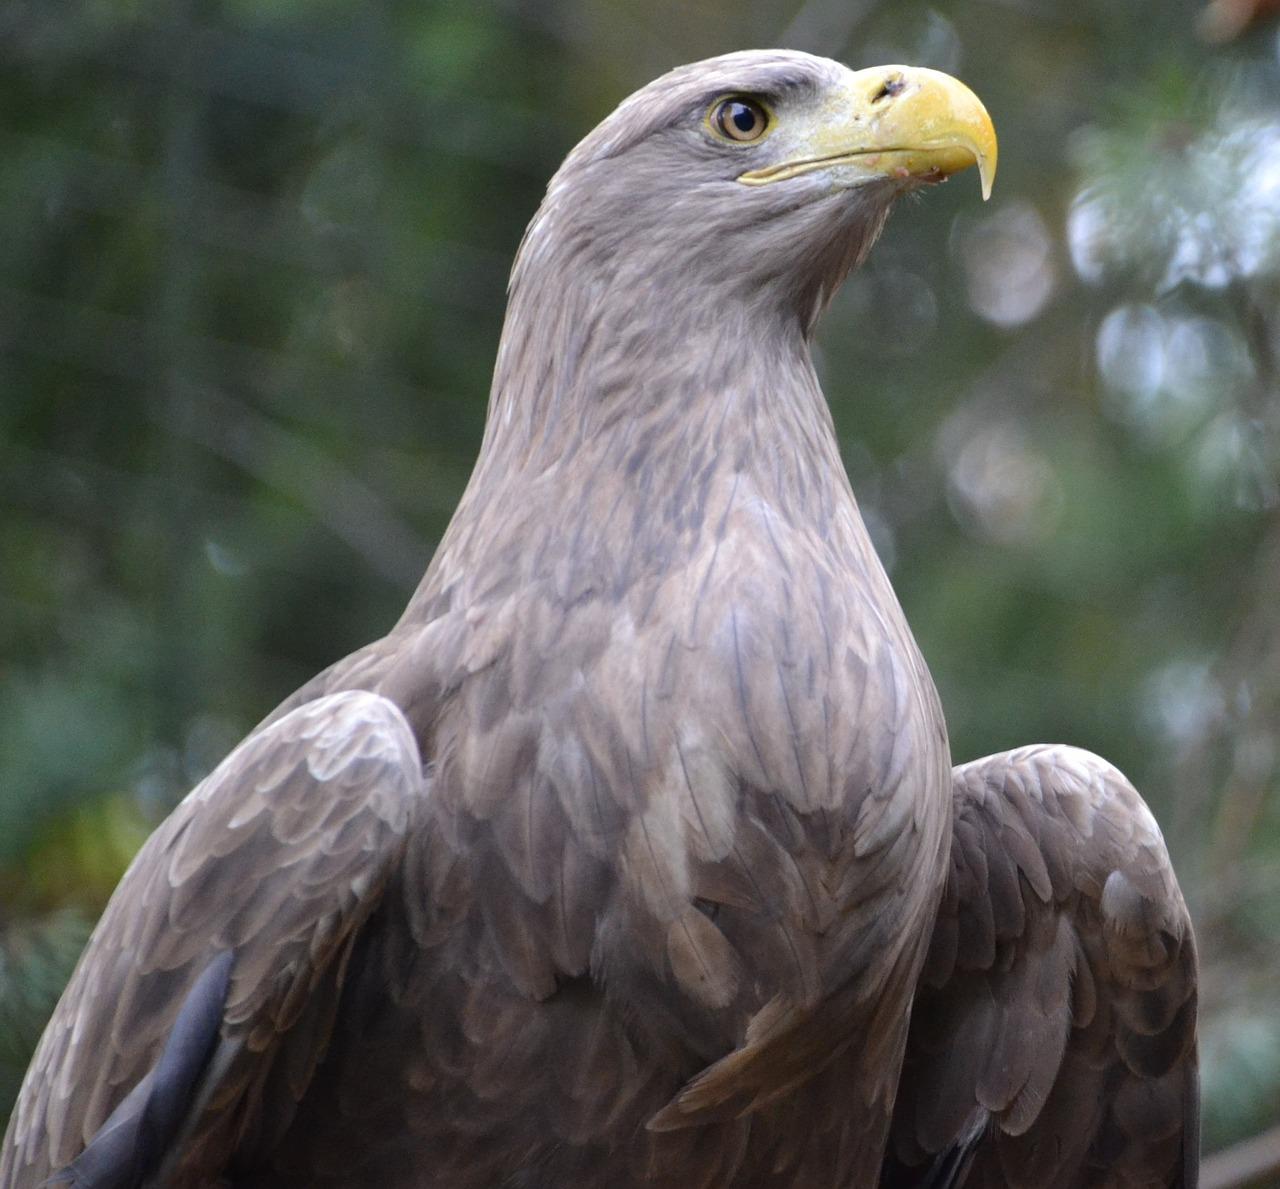 Орел в картинках птица, смешные именем леша